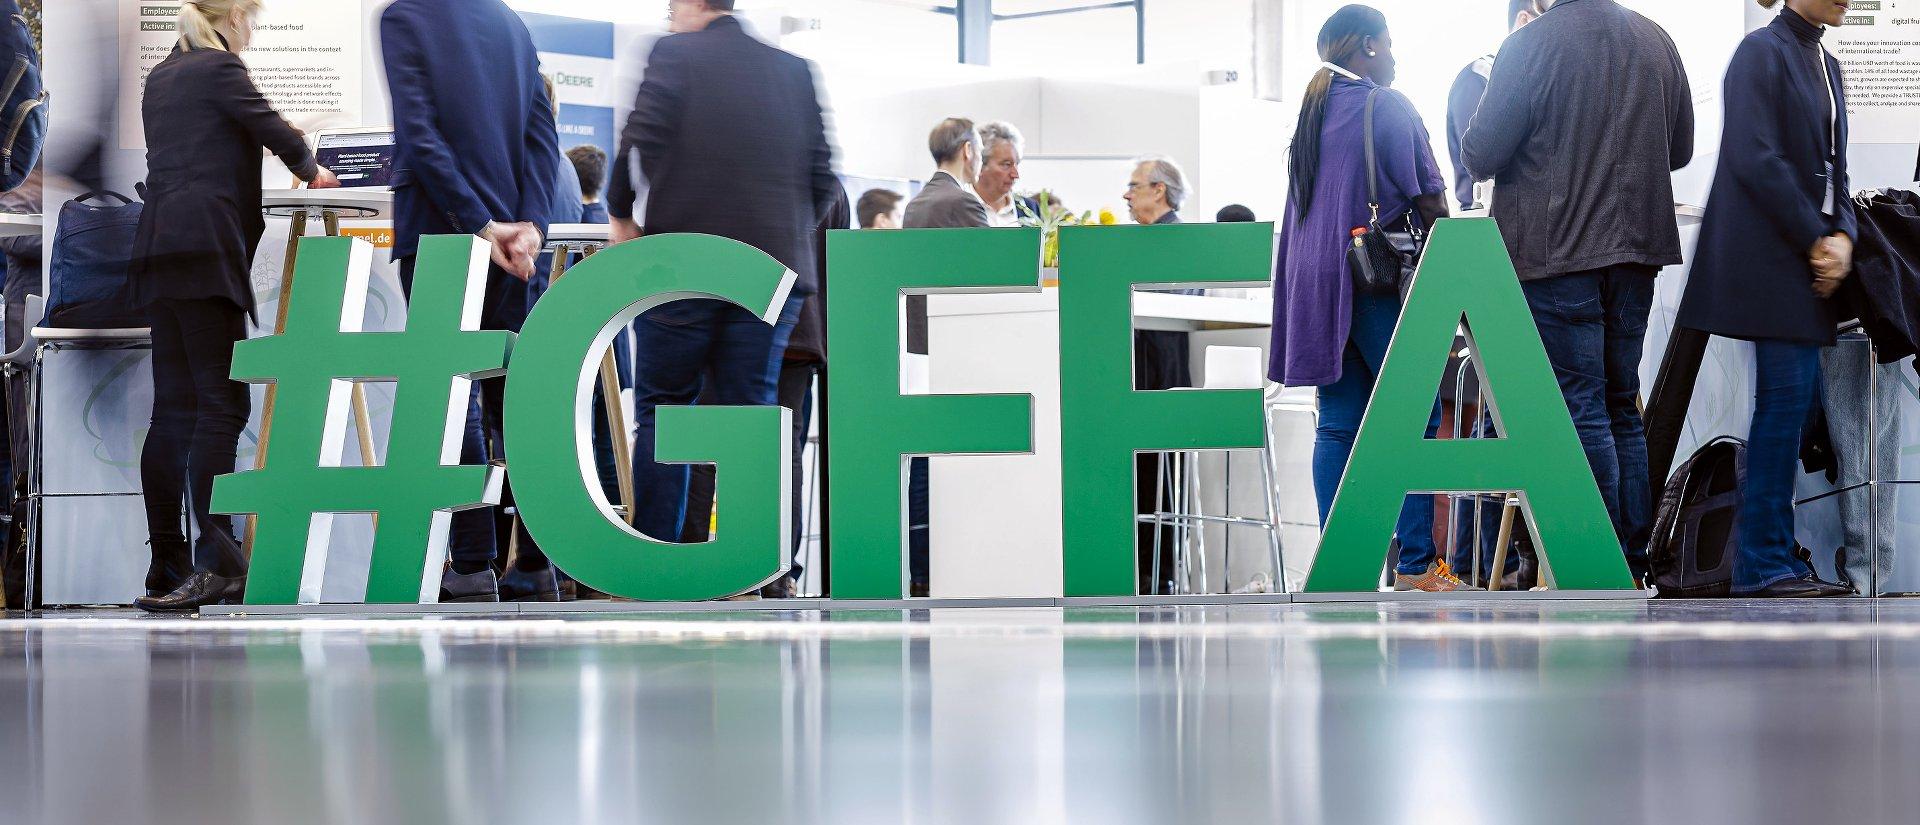 About GFFA